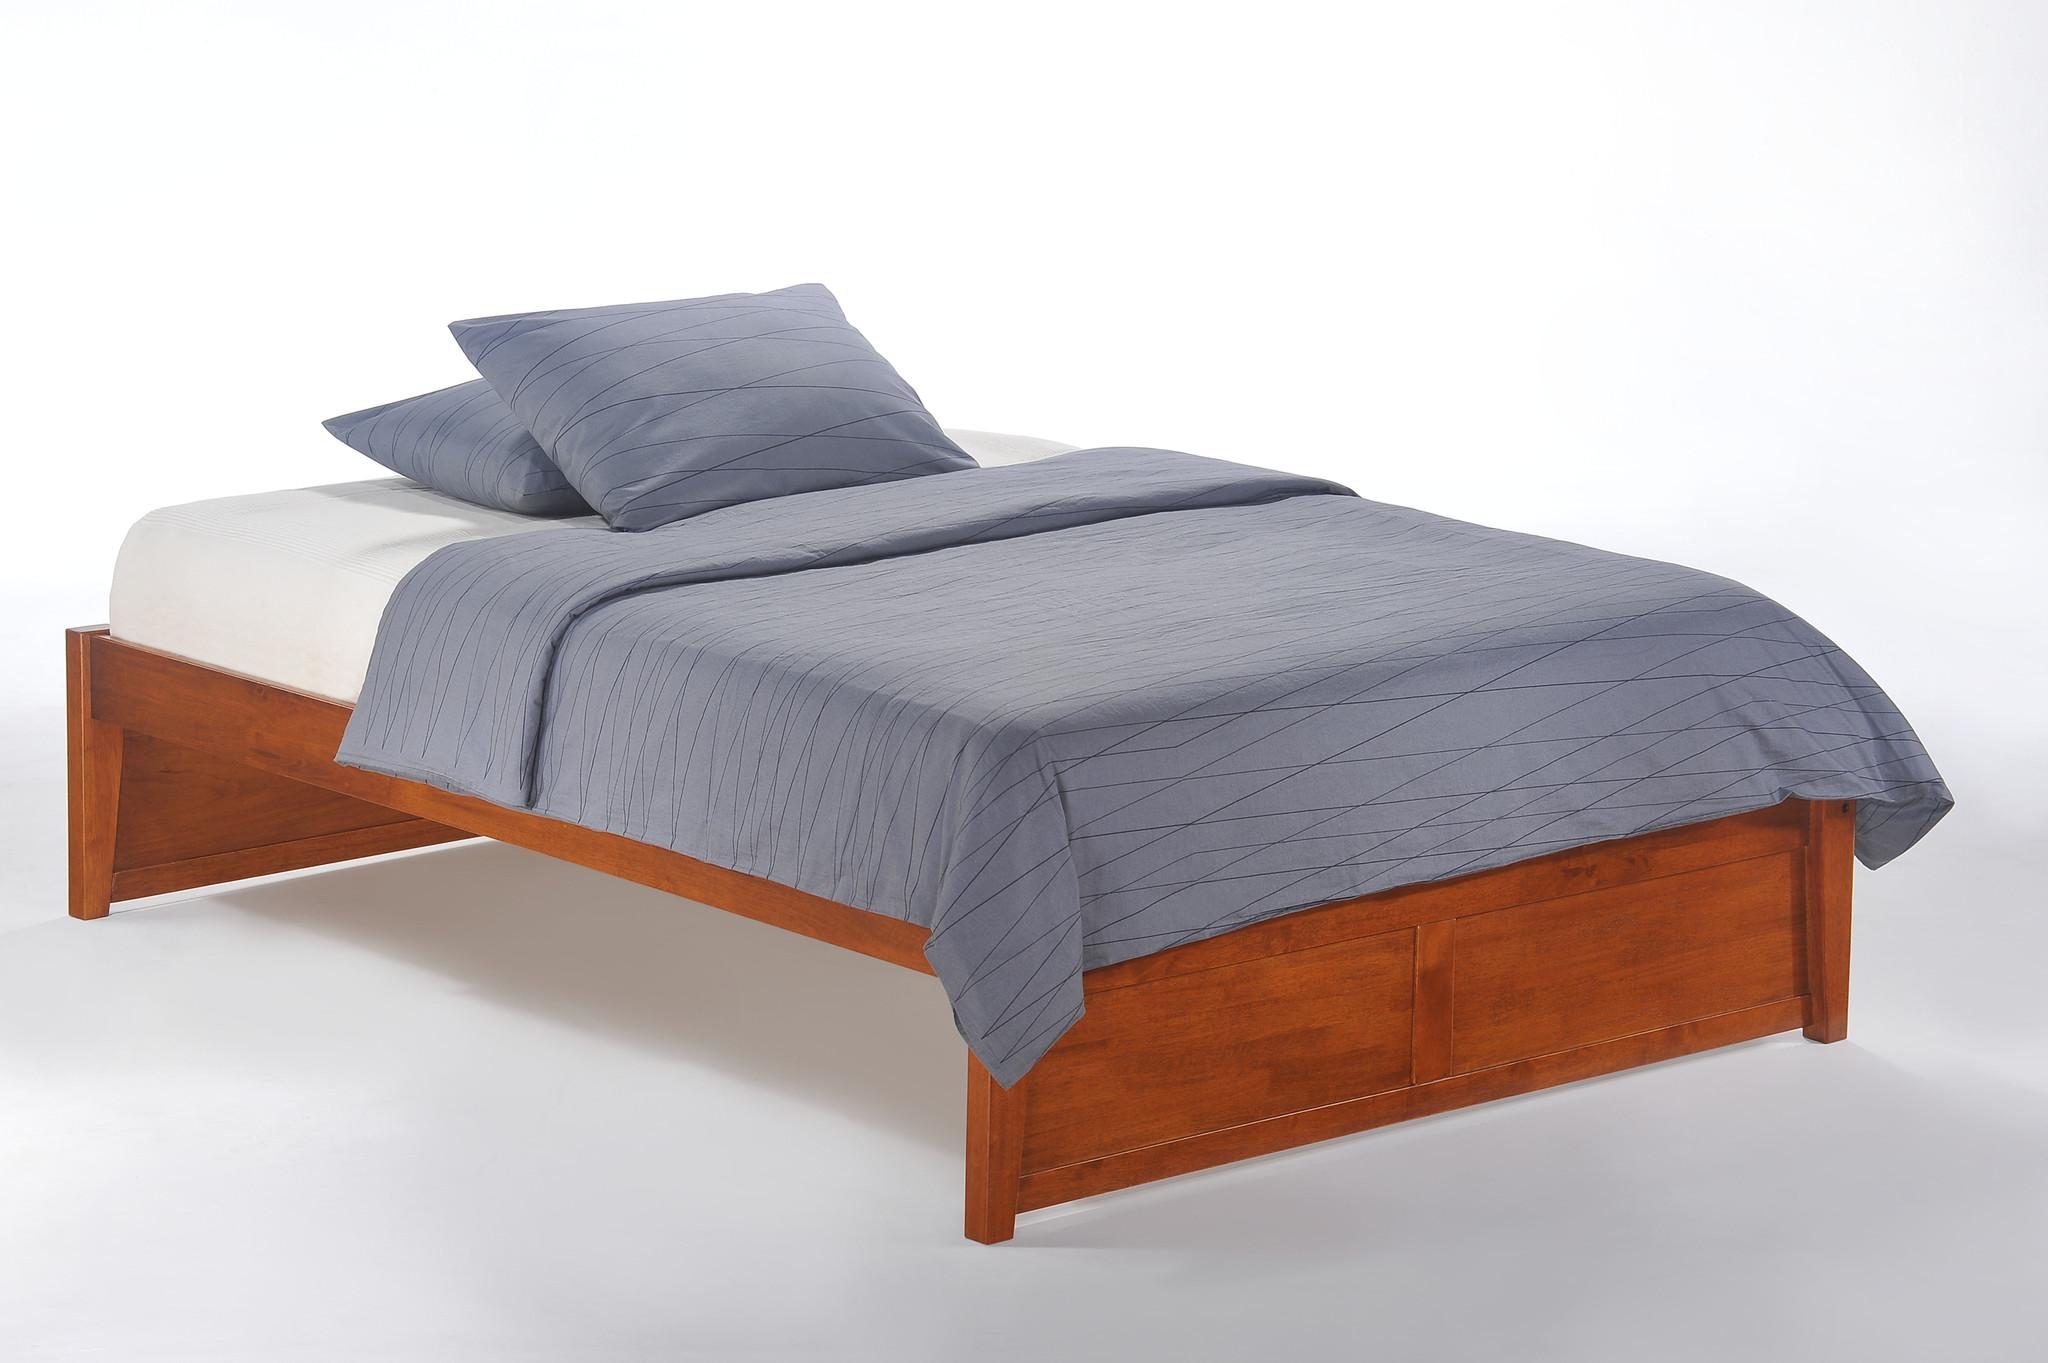 night day k series basic bed full cherry.jpg